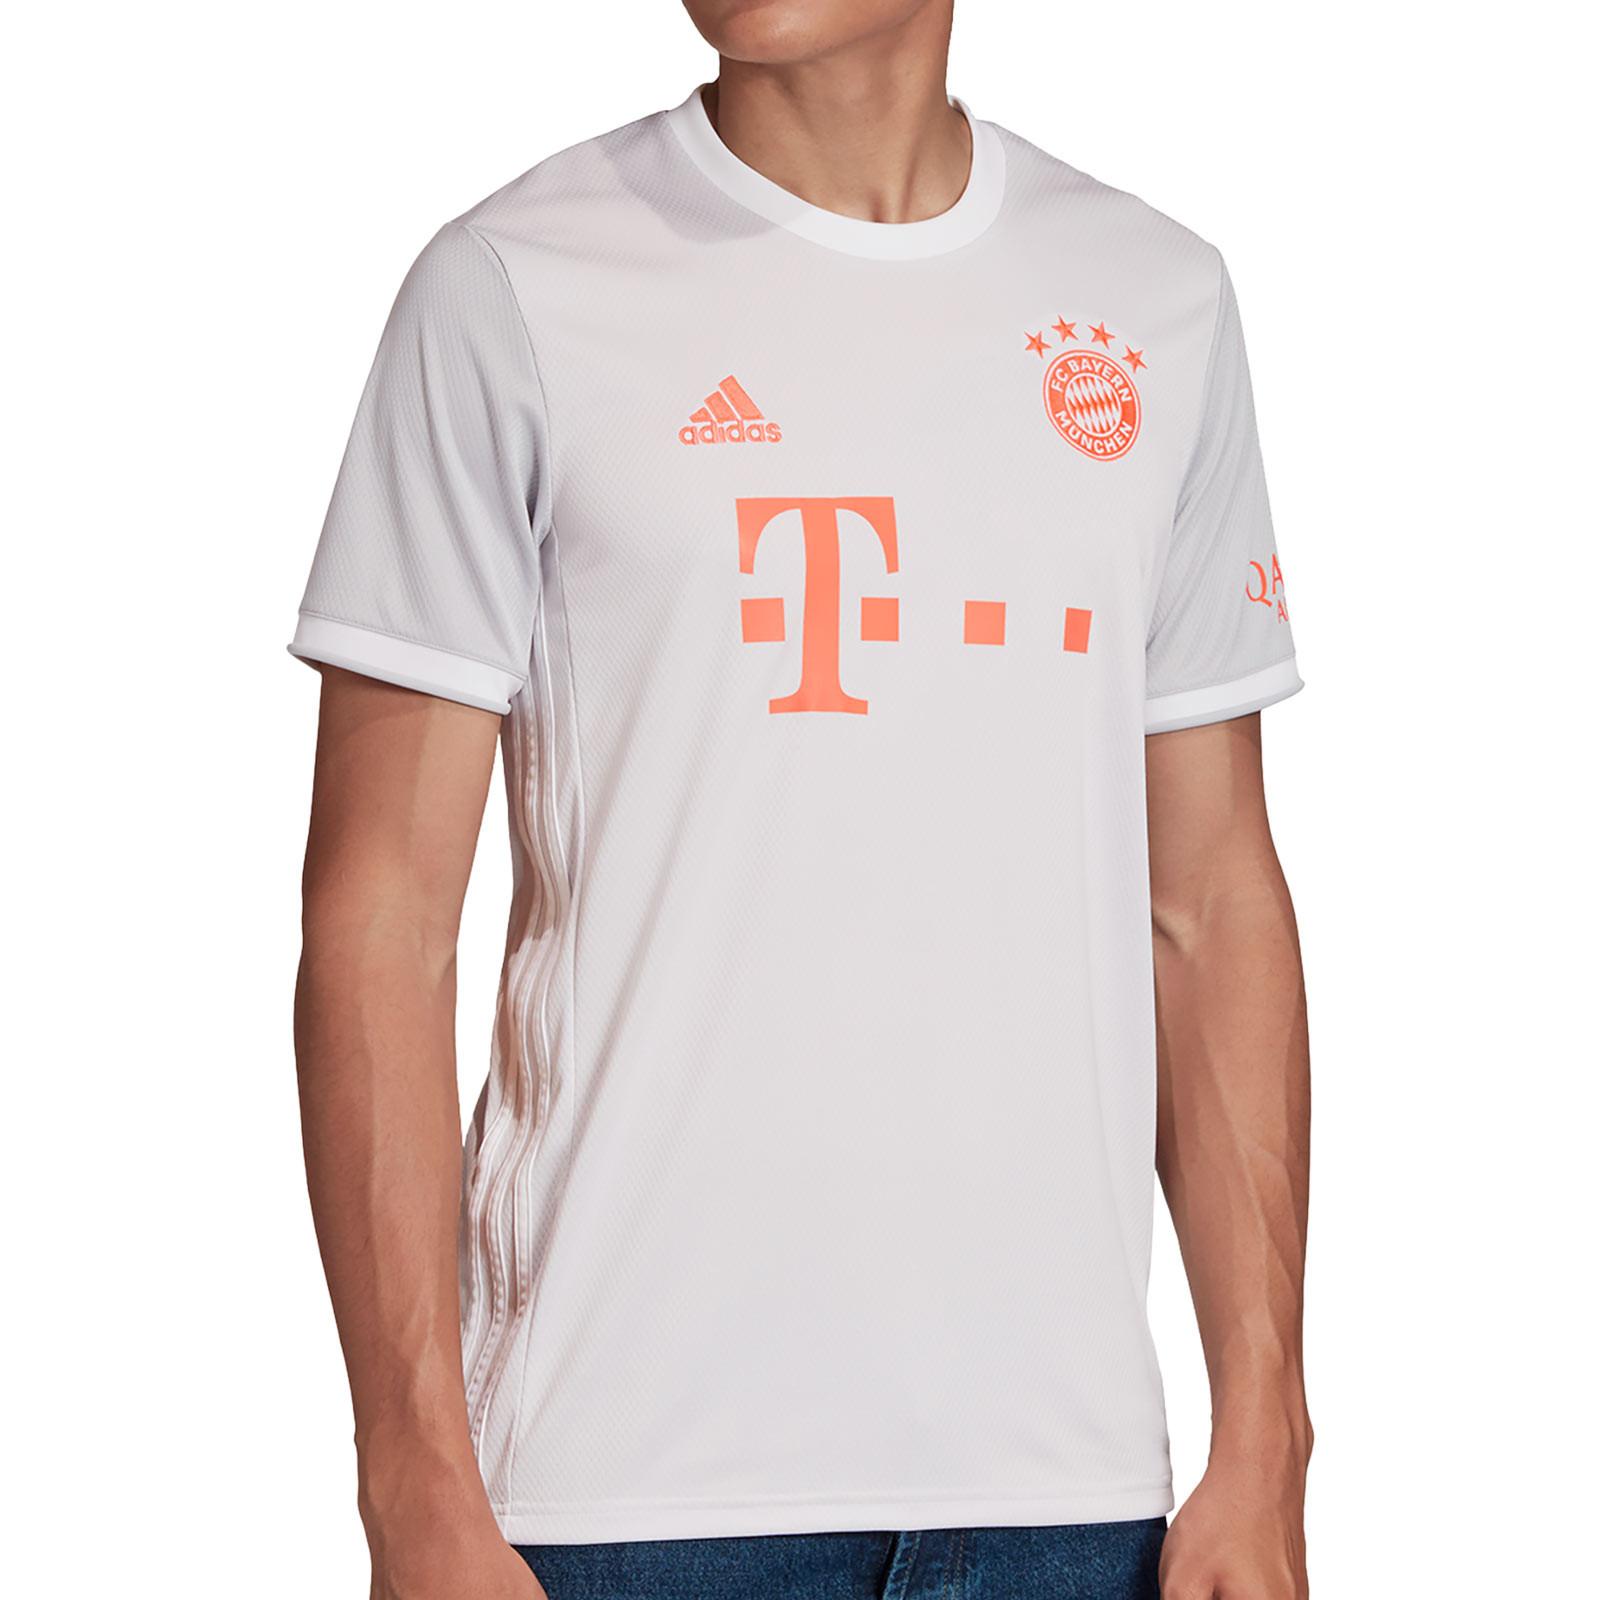 Camiseta adidas 2a Bayern 19 20 blanca | futbolmania